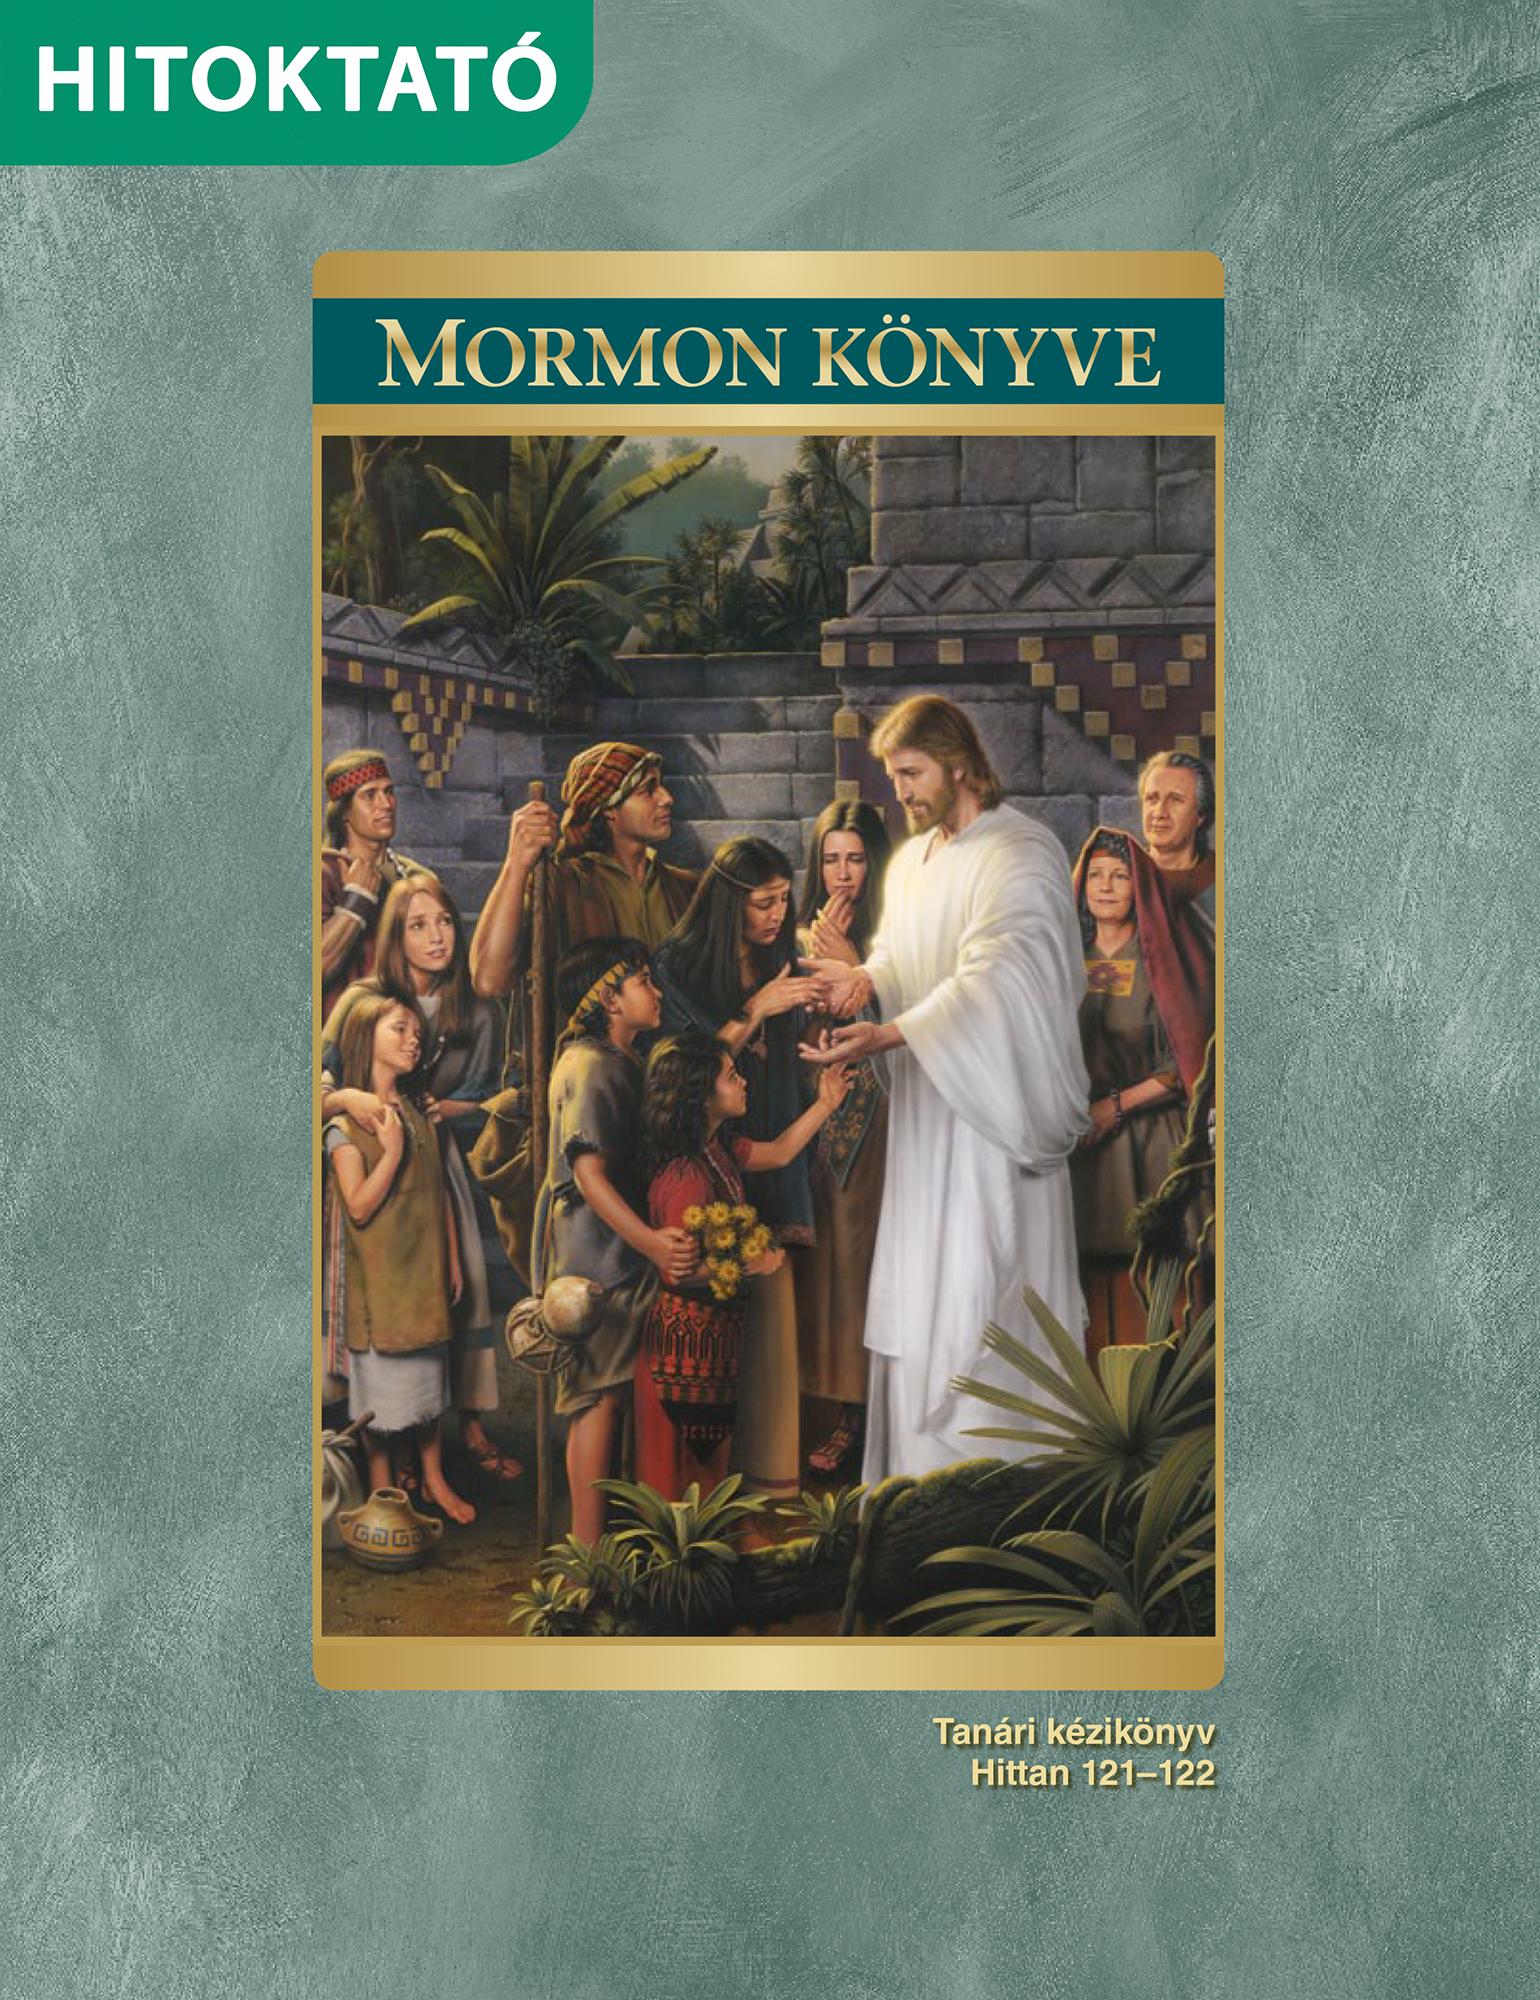 Mormon könyve hitoktatói kézikönyv (Hittan 121–122)